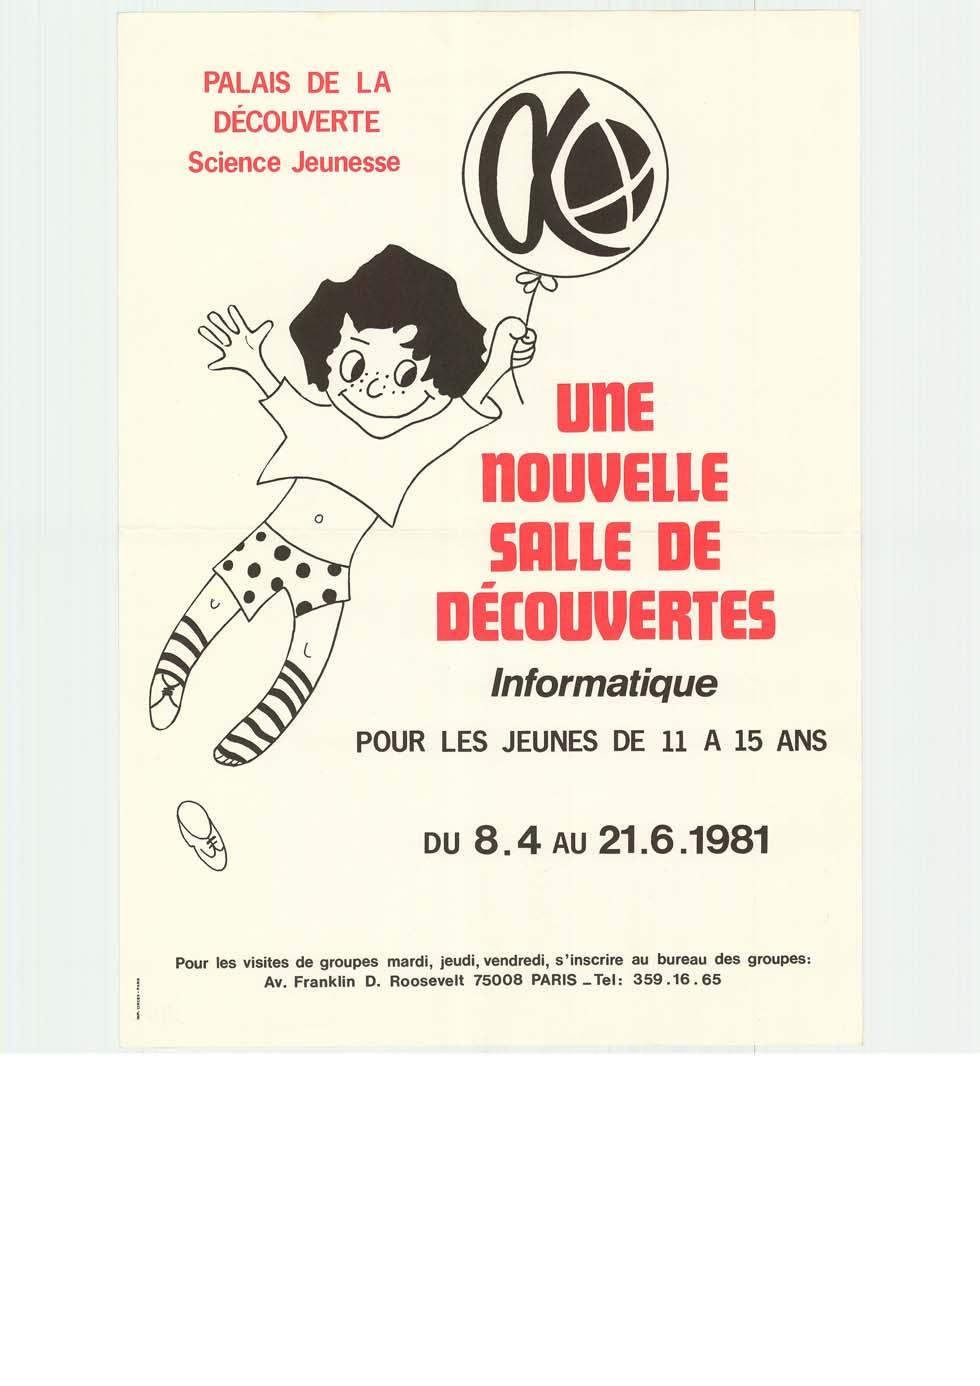 1981: Une nouvelle salle de découvertes - informatique (ouverture du diaporama)